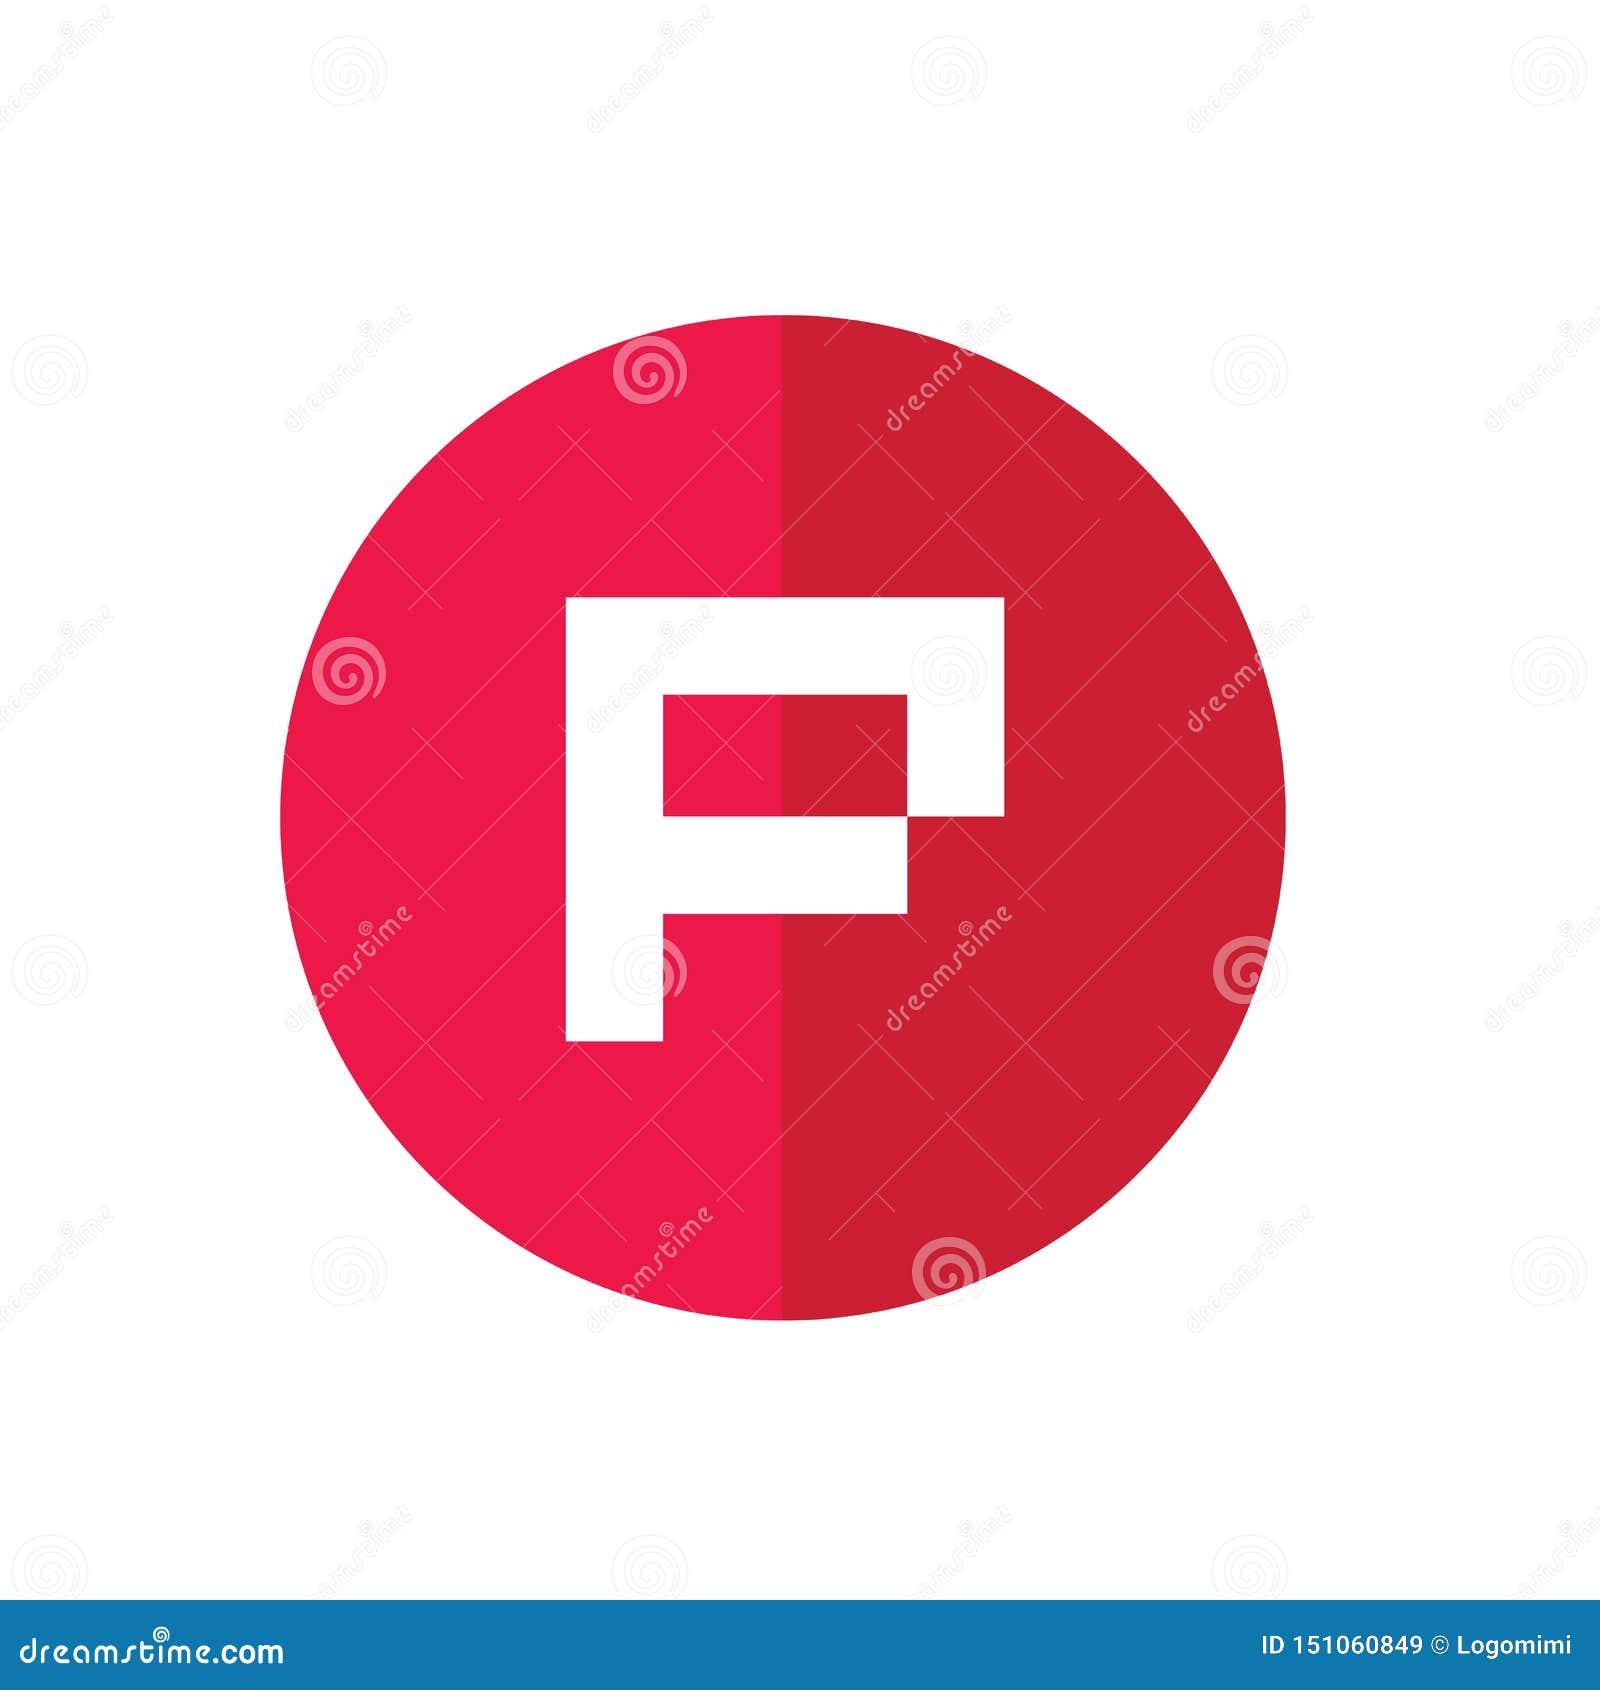 Logo d initiale de lettre de P, conception rouge d icône de cercle - vecteur